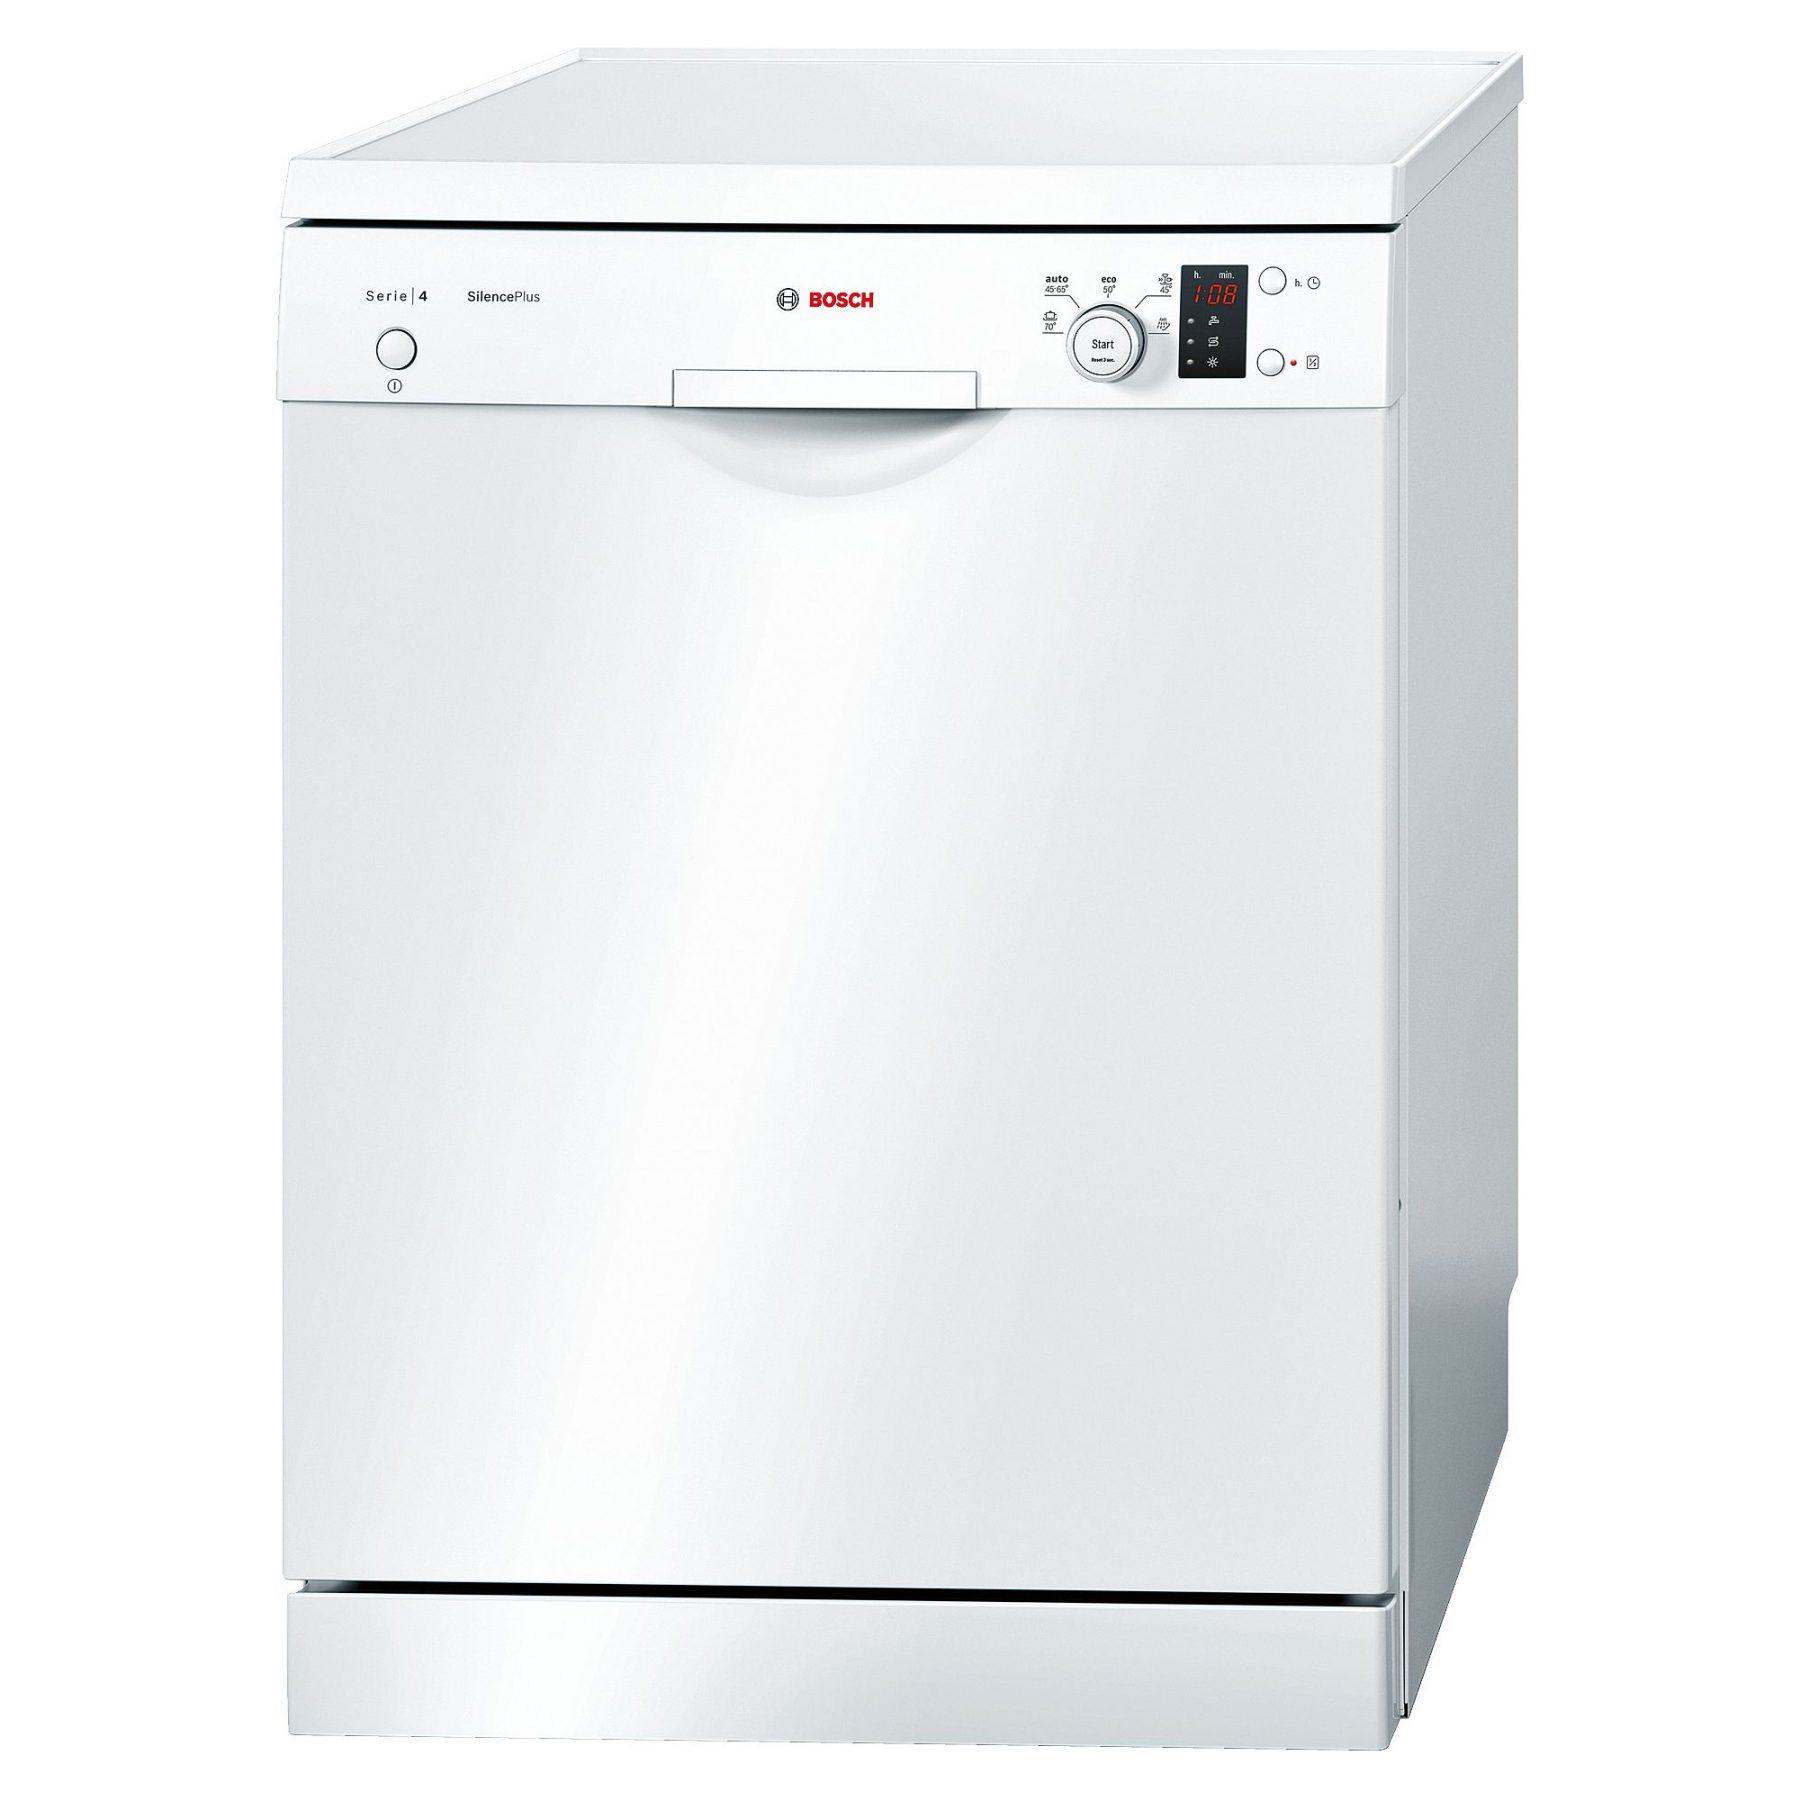 ماشین ظرفشویی 12 نفره بوش مدل SMS50E92GC